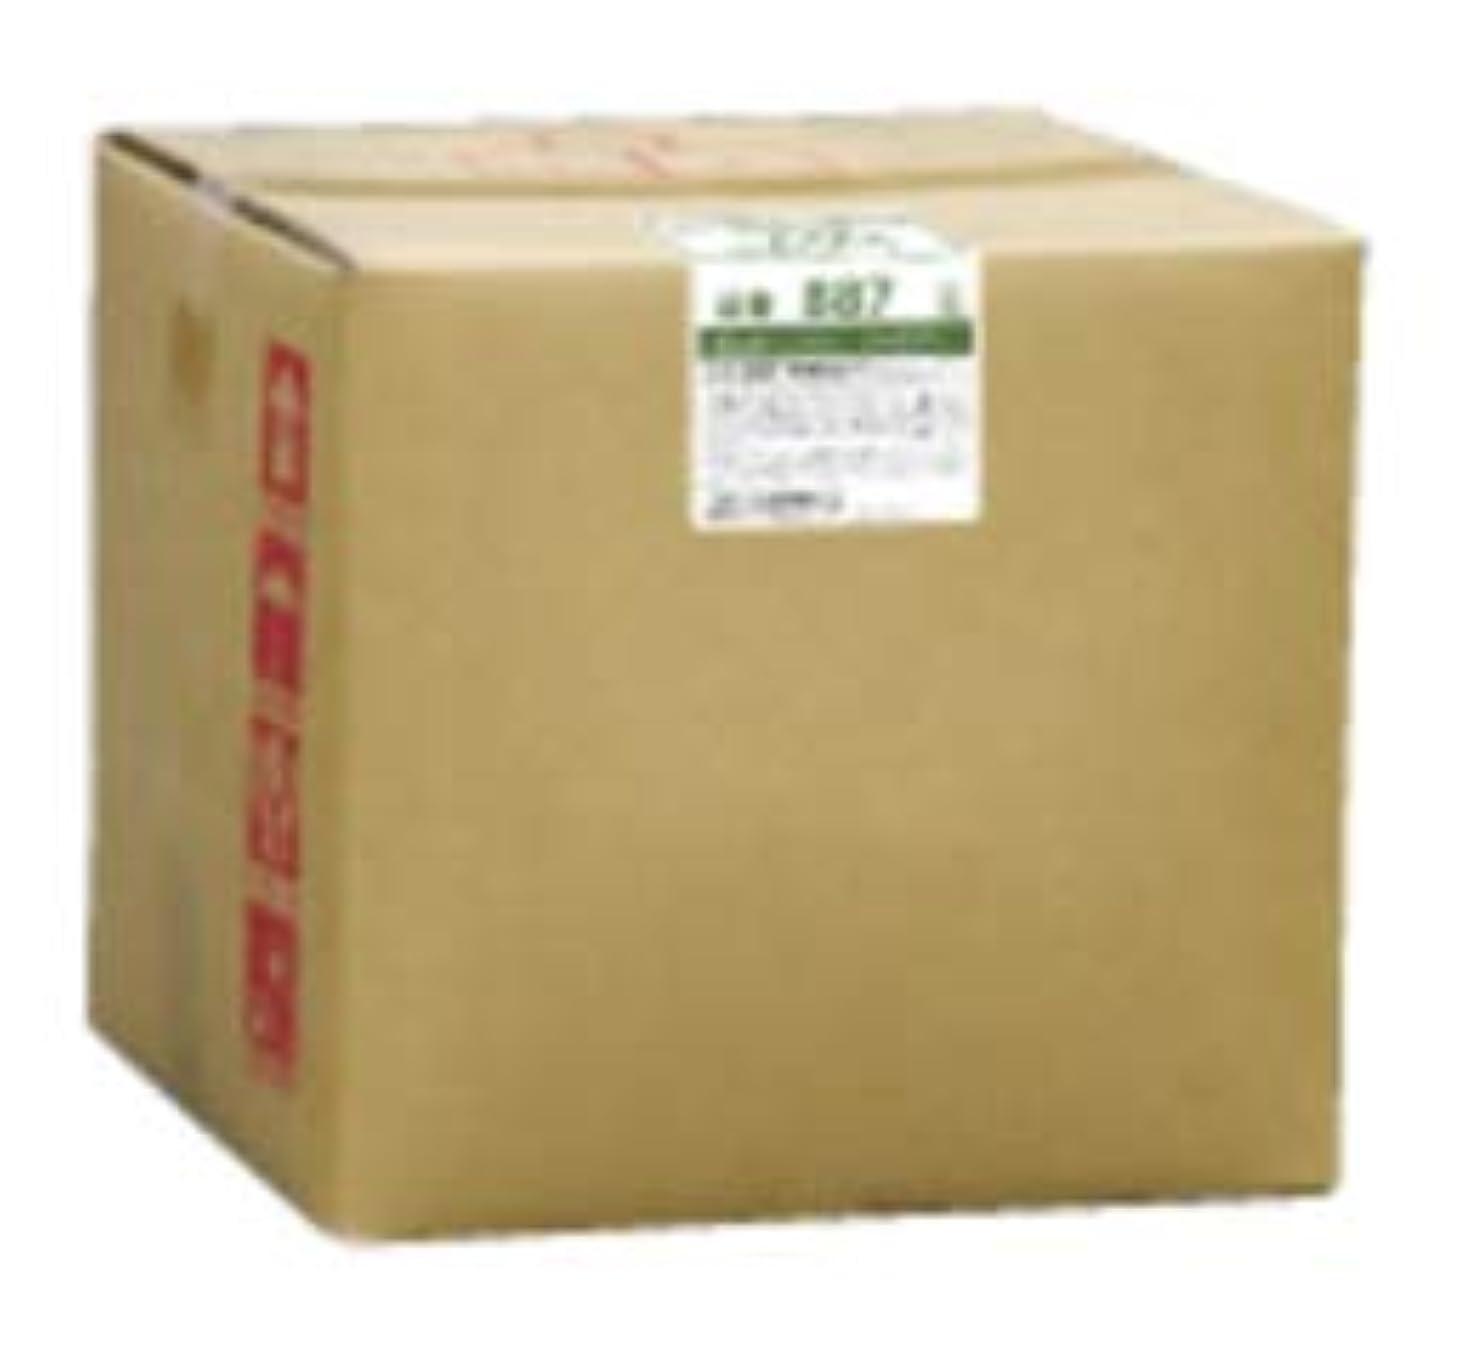 派手気配りのあるキネマティクスフタバ化学 スパジアス シャンプー 18L 詰め替え 800ml専用空容器付 黒糖と蜂蜜